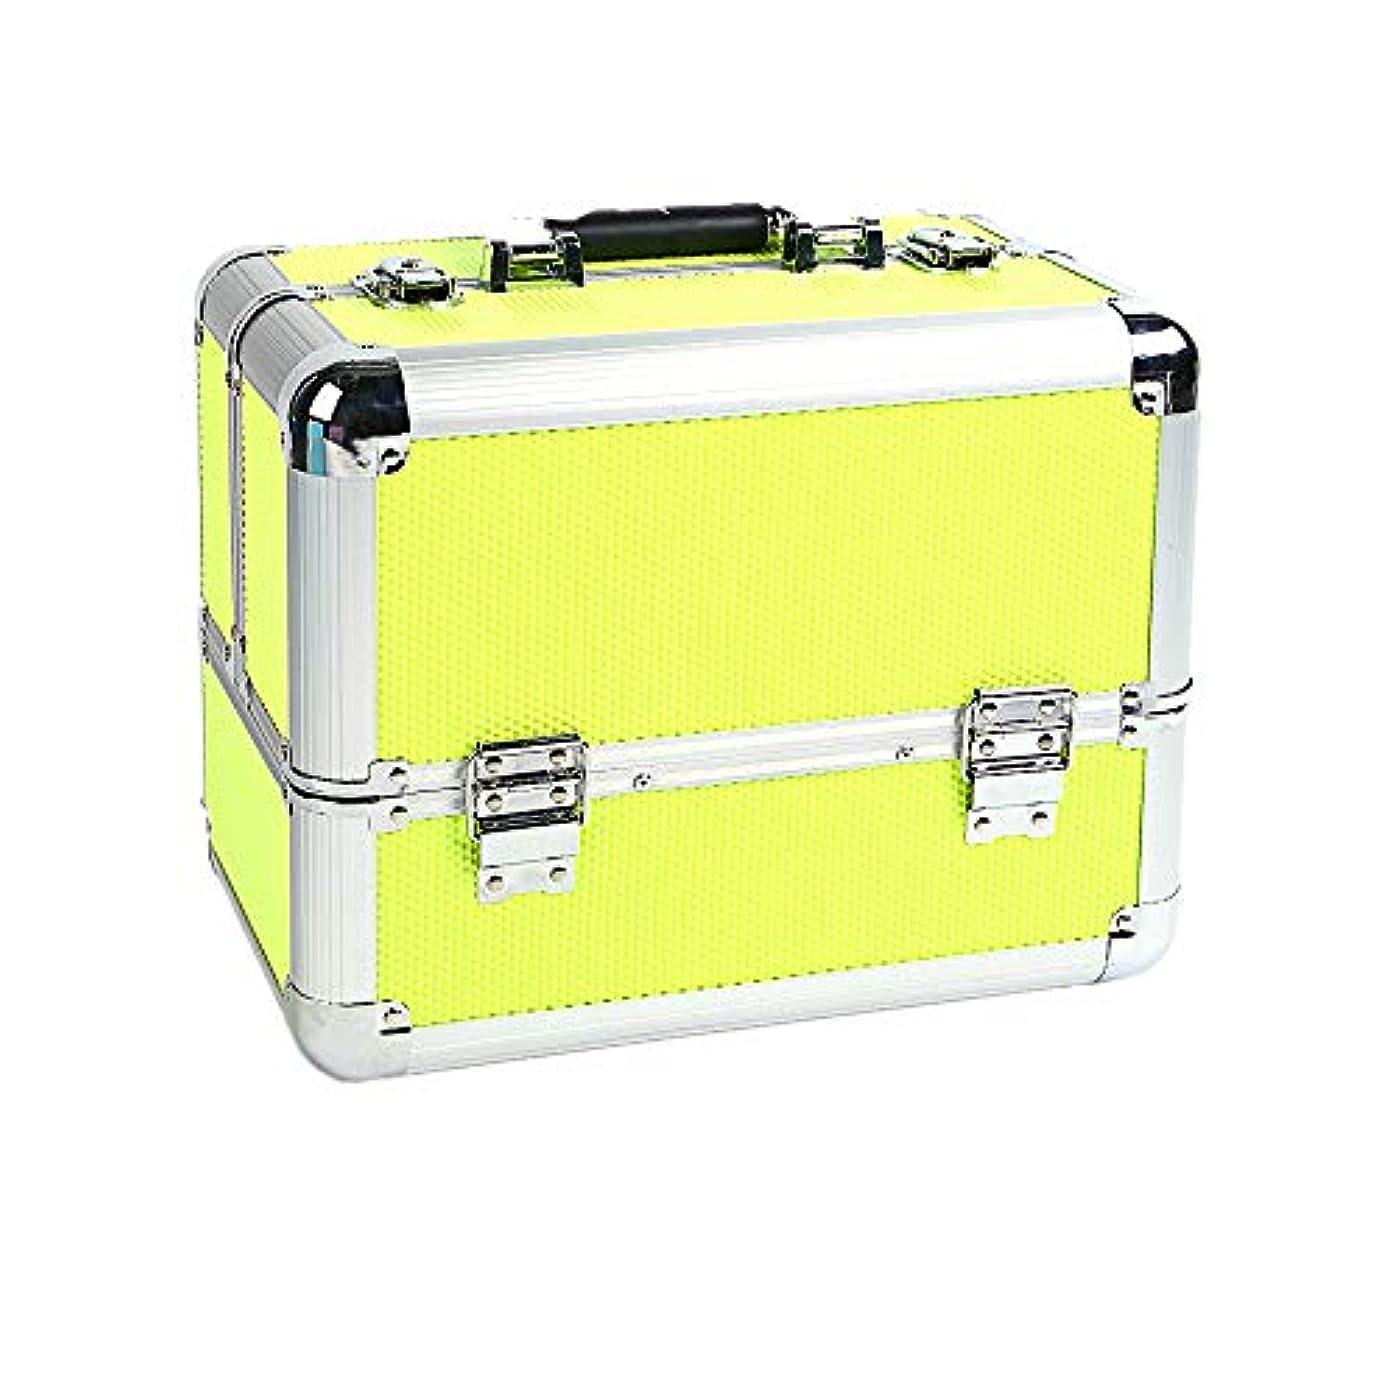 スズメバチ連続的下品化粧オーガナイザーバッグ 大容量ポータブル化粧品ケース用トラベルアクセサリーシャンプーボディウォッシュパーソナルアイテムストレージロックと拡張トレイ 化粧品ケース